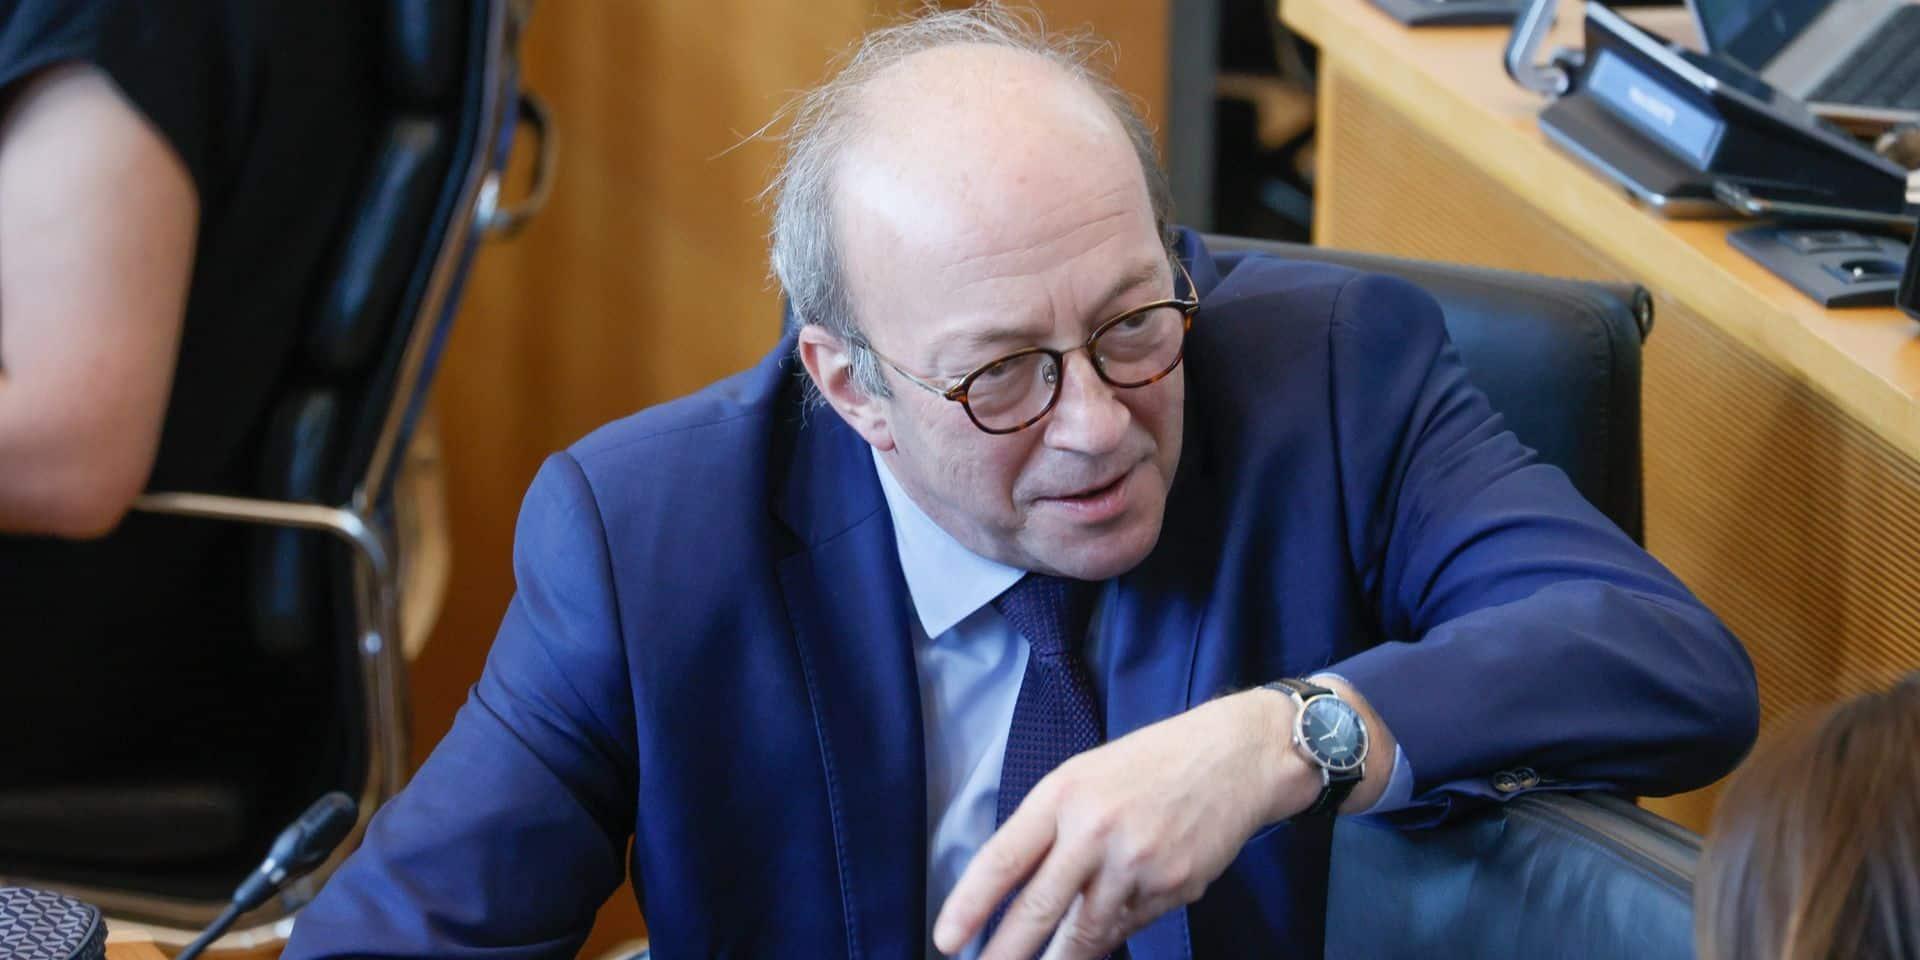 Fin des moteurs thermiques à Bruxelles : Le MR wallon appelle lui à la concertation